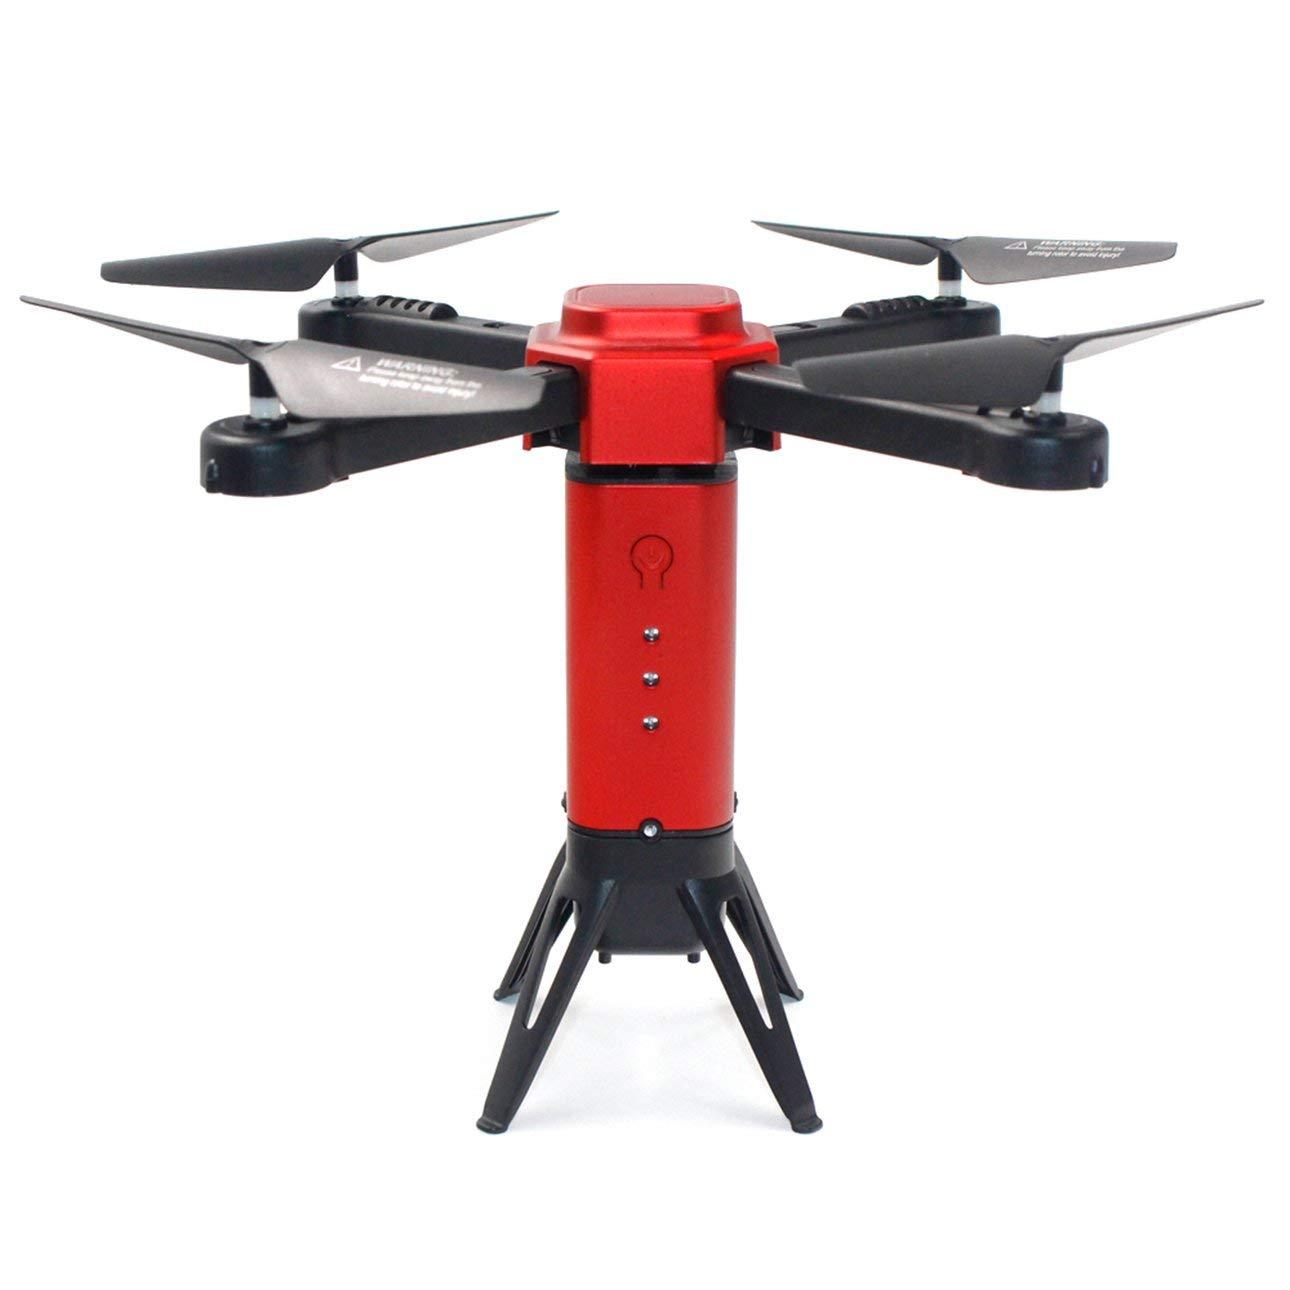 Ballylelly L6059 Smart Selfie RC Aereo Pieghevole Drone Quadcopter con FPV 720P HD Wide Angle Camera Altitude Hold modalità Headless